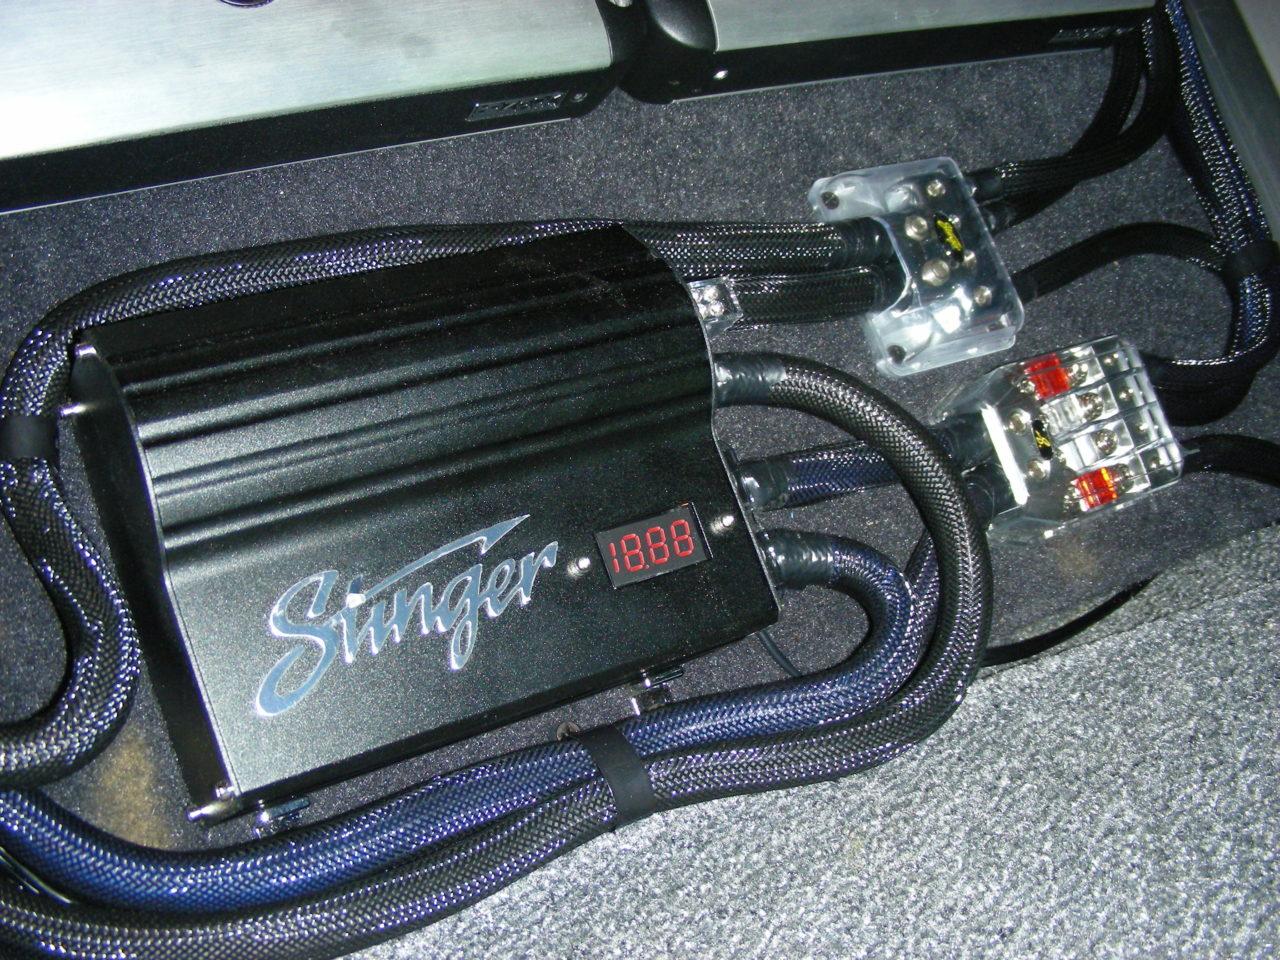 09 Sanger v215 (7)